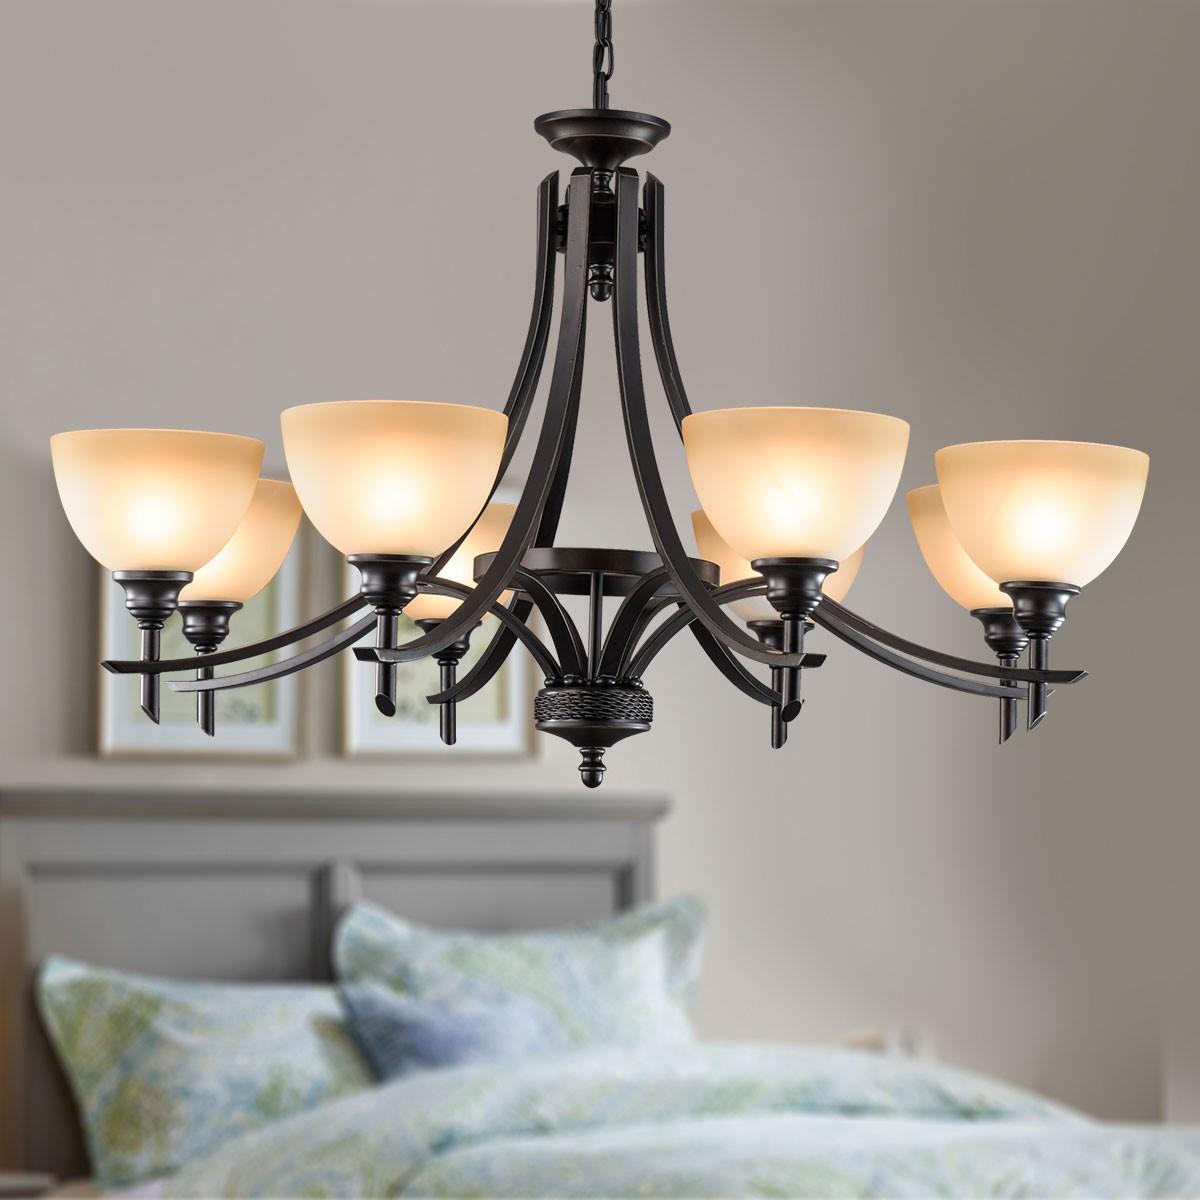 lustre en fer forg avec abat jour en verre 8 ampoules noir dk 8034 8 decoraport canada. Black Bedroom Furniture Sets. Home Design Ideas